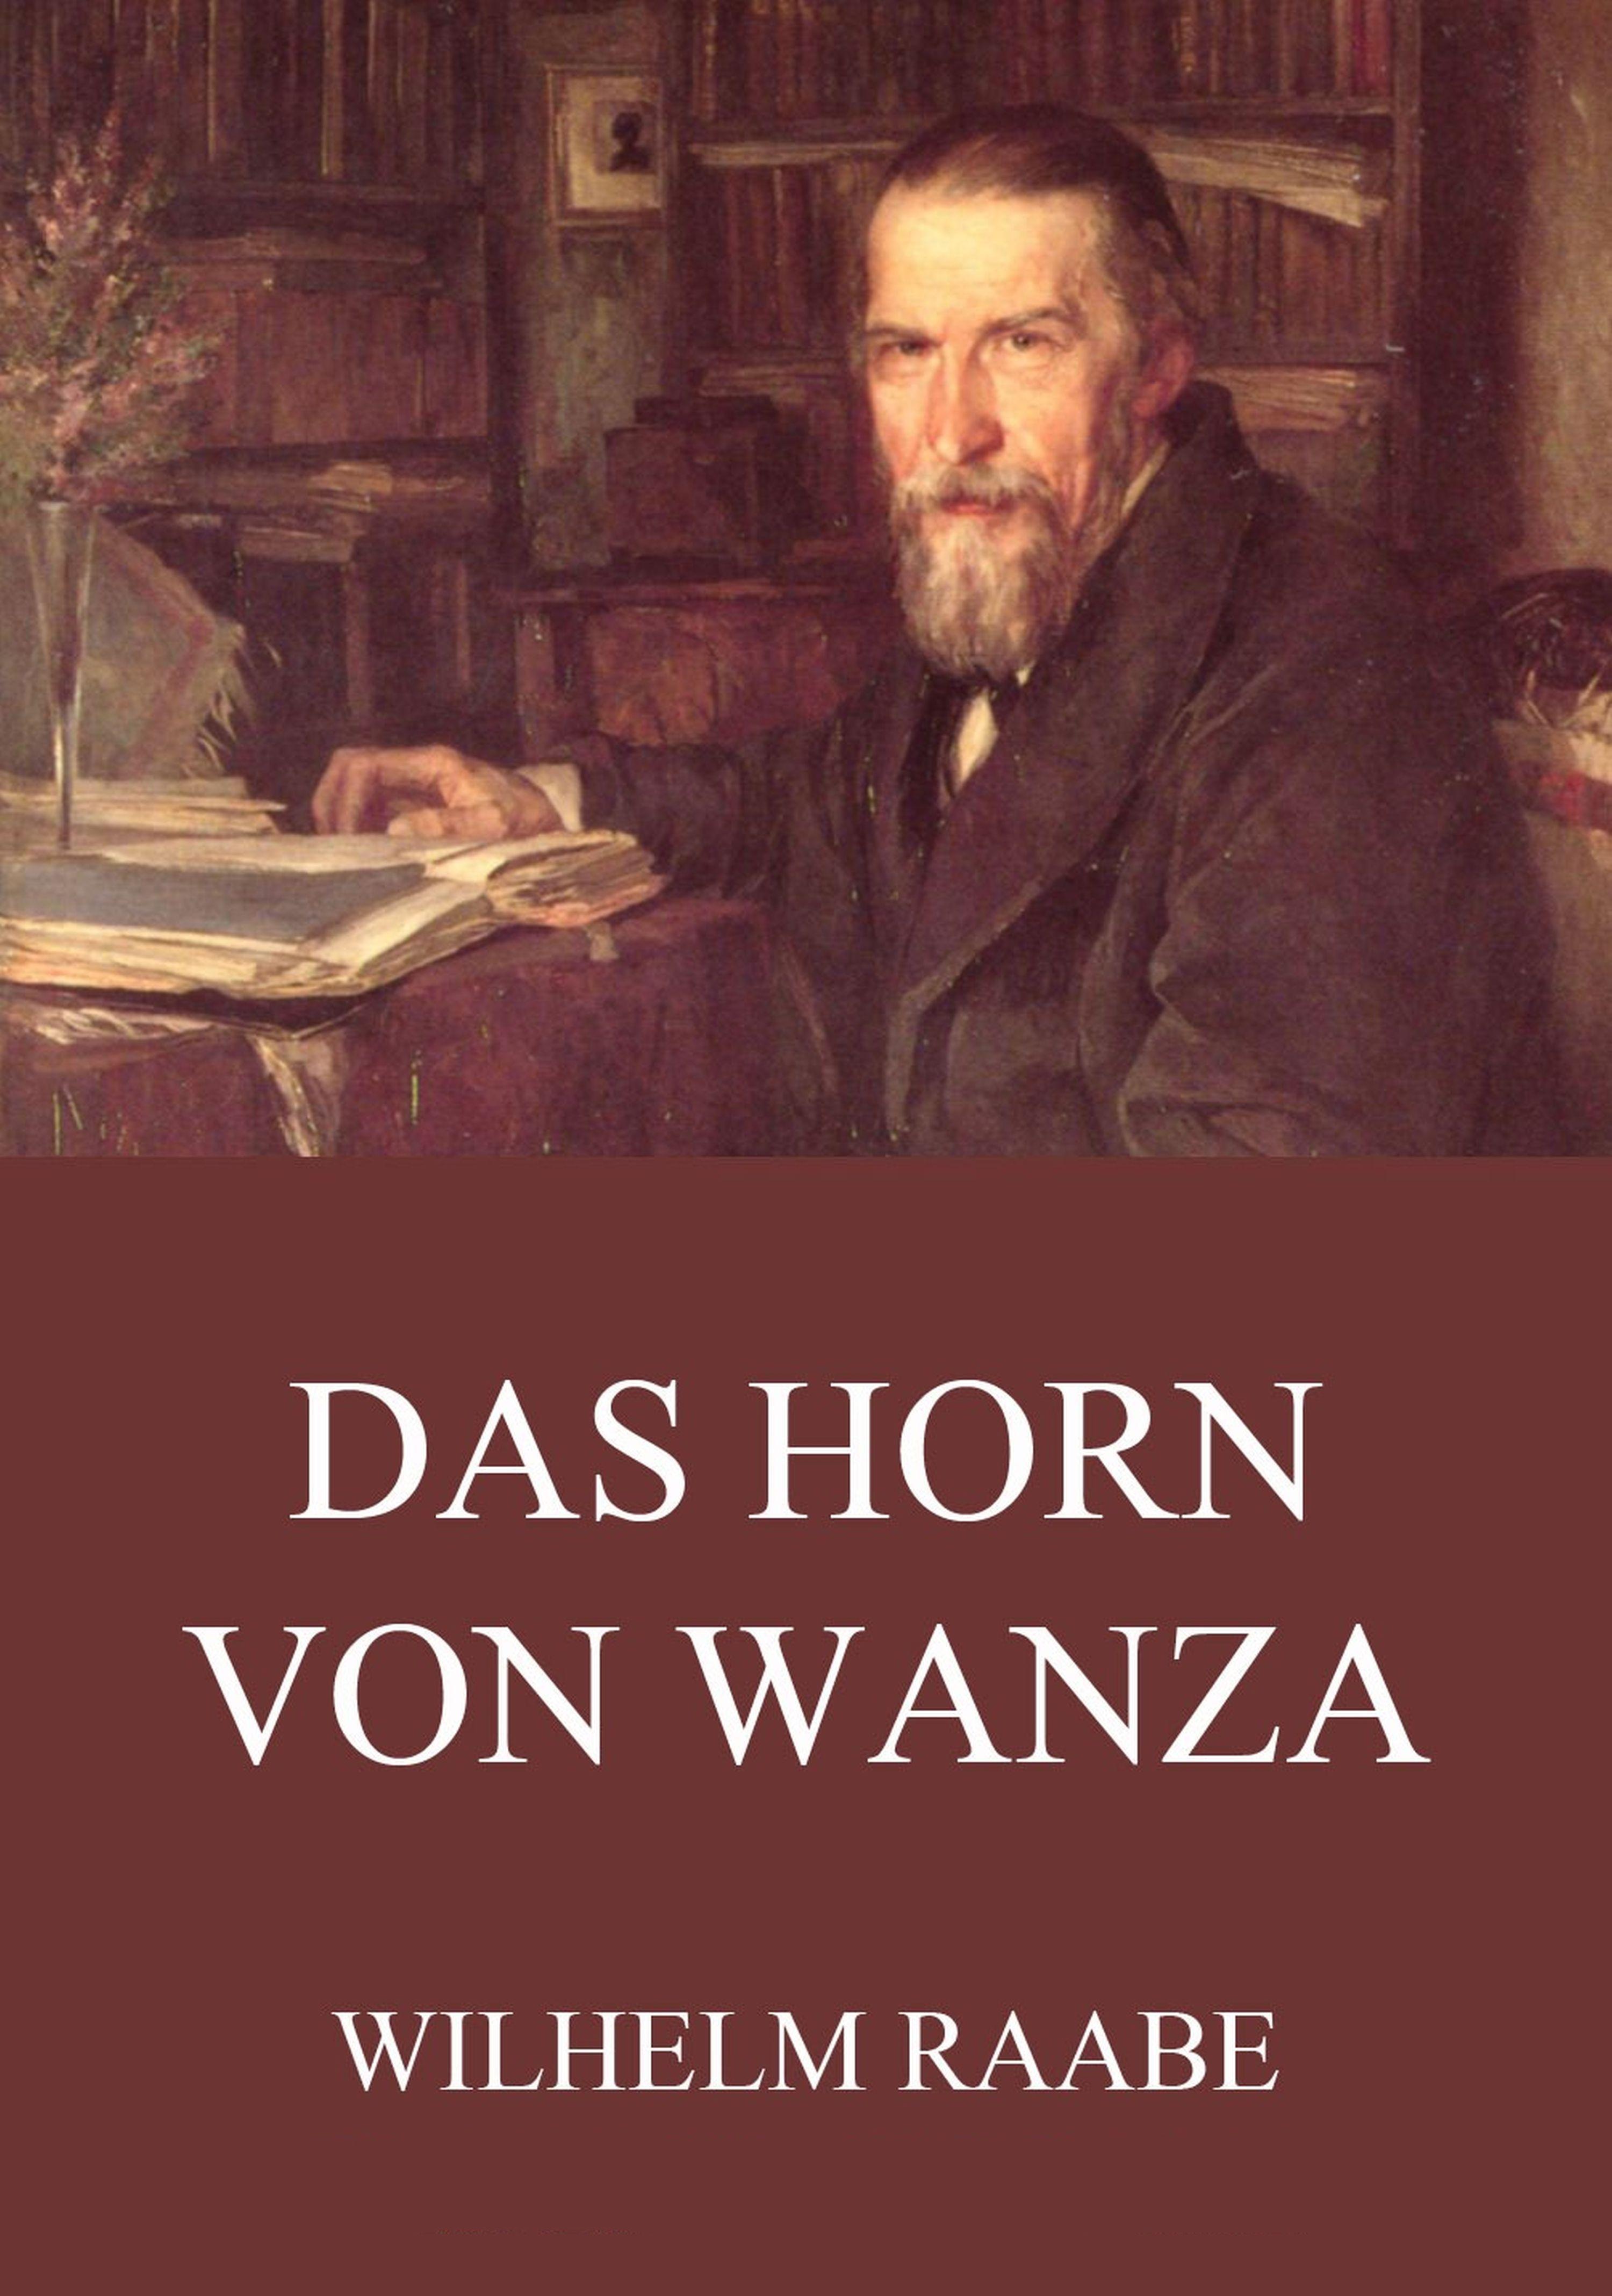 цены Wilhelm Raabe Das Horn von Wanza